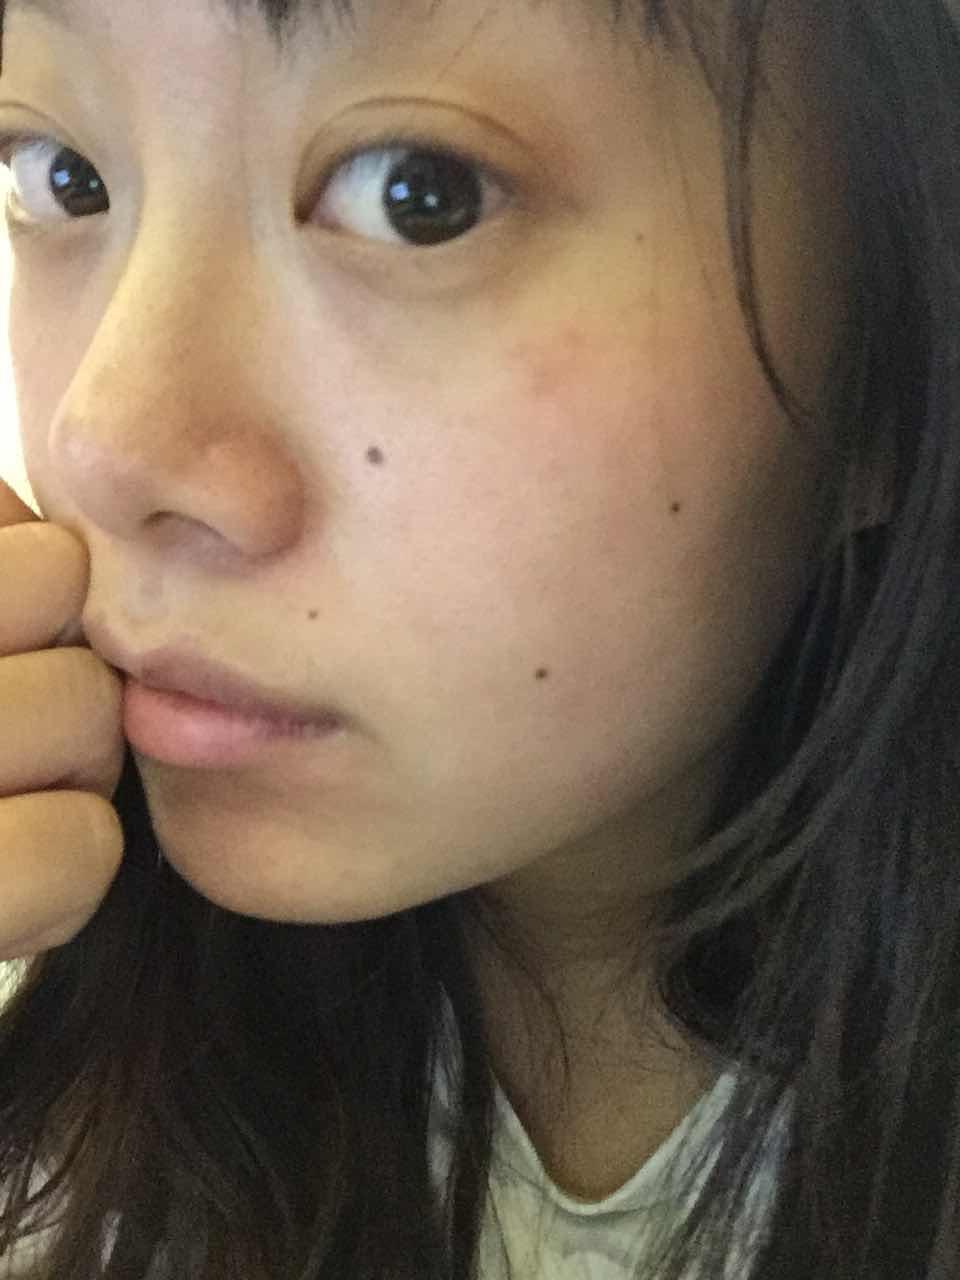 双眼皮做宽了能修吗,双眼皮半年了,不满意,不知道能不能改变